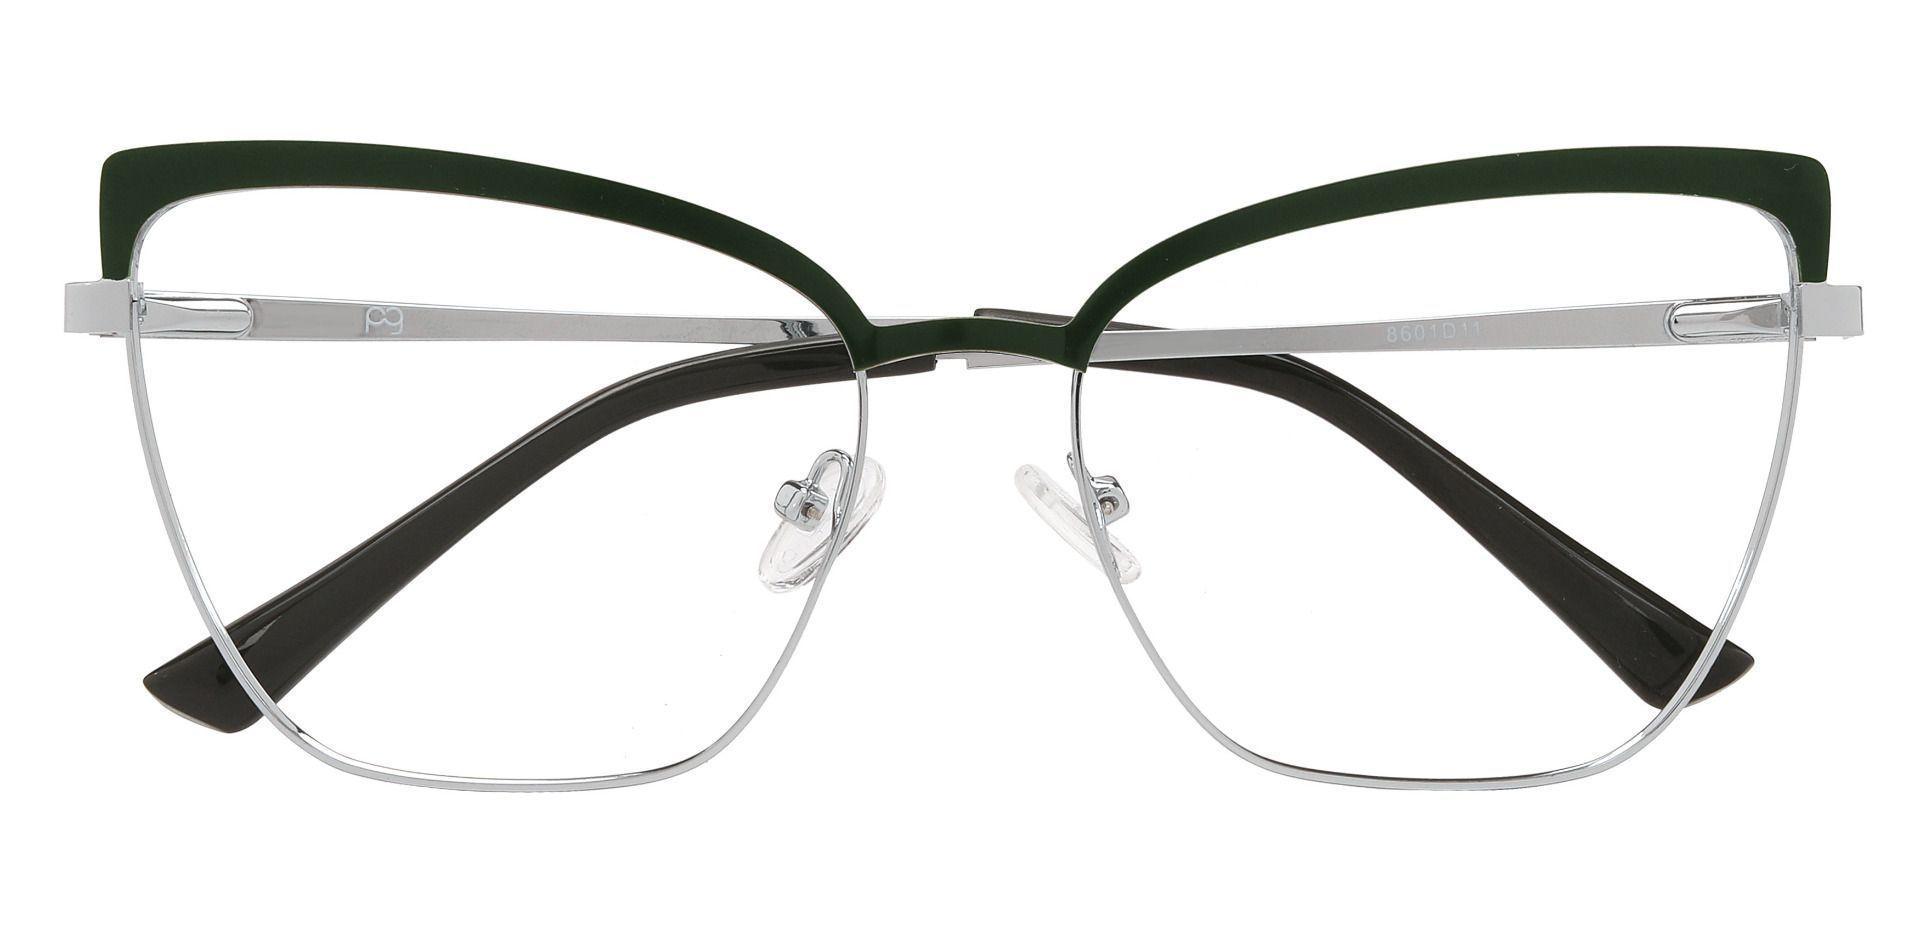 Andie Browline Prescription Glasses - Green